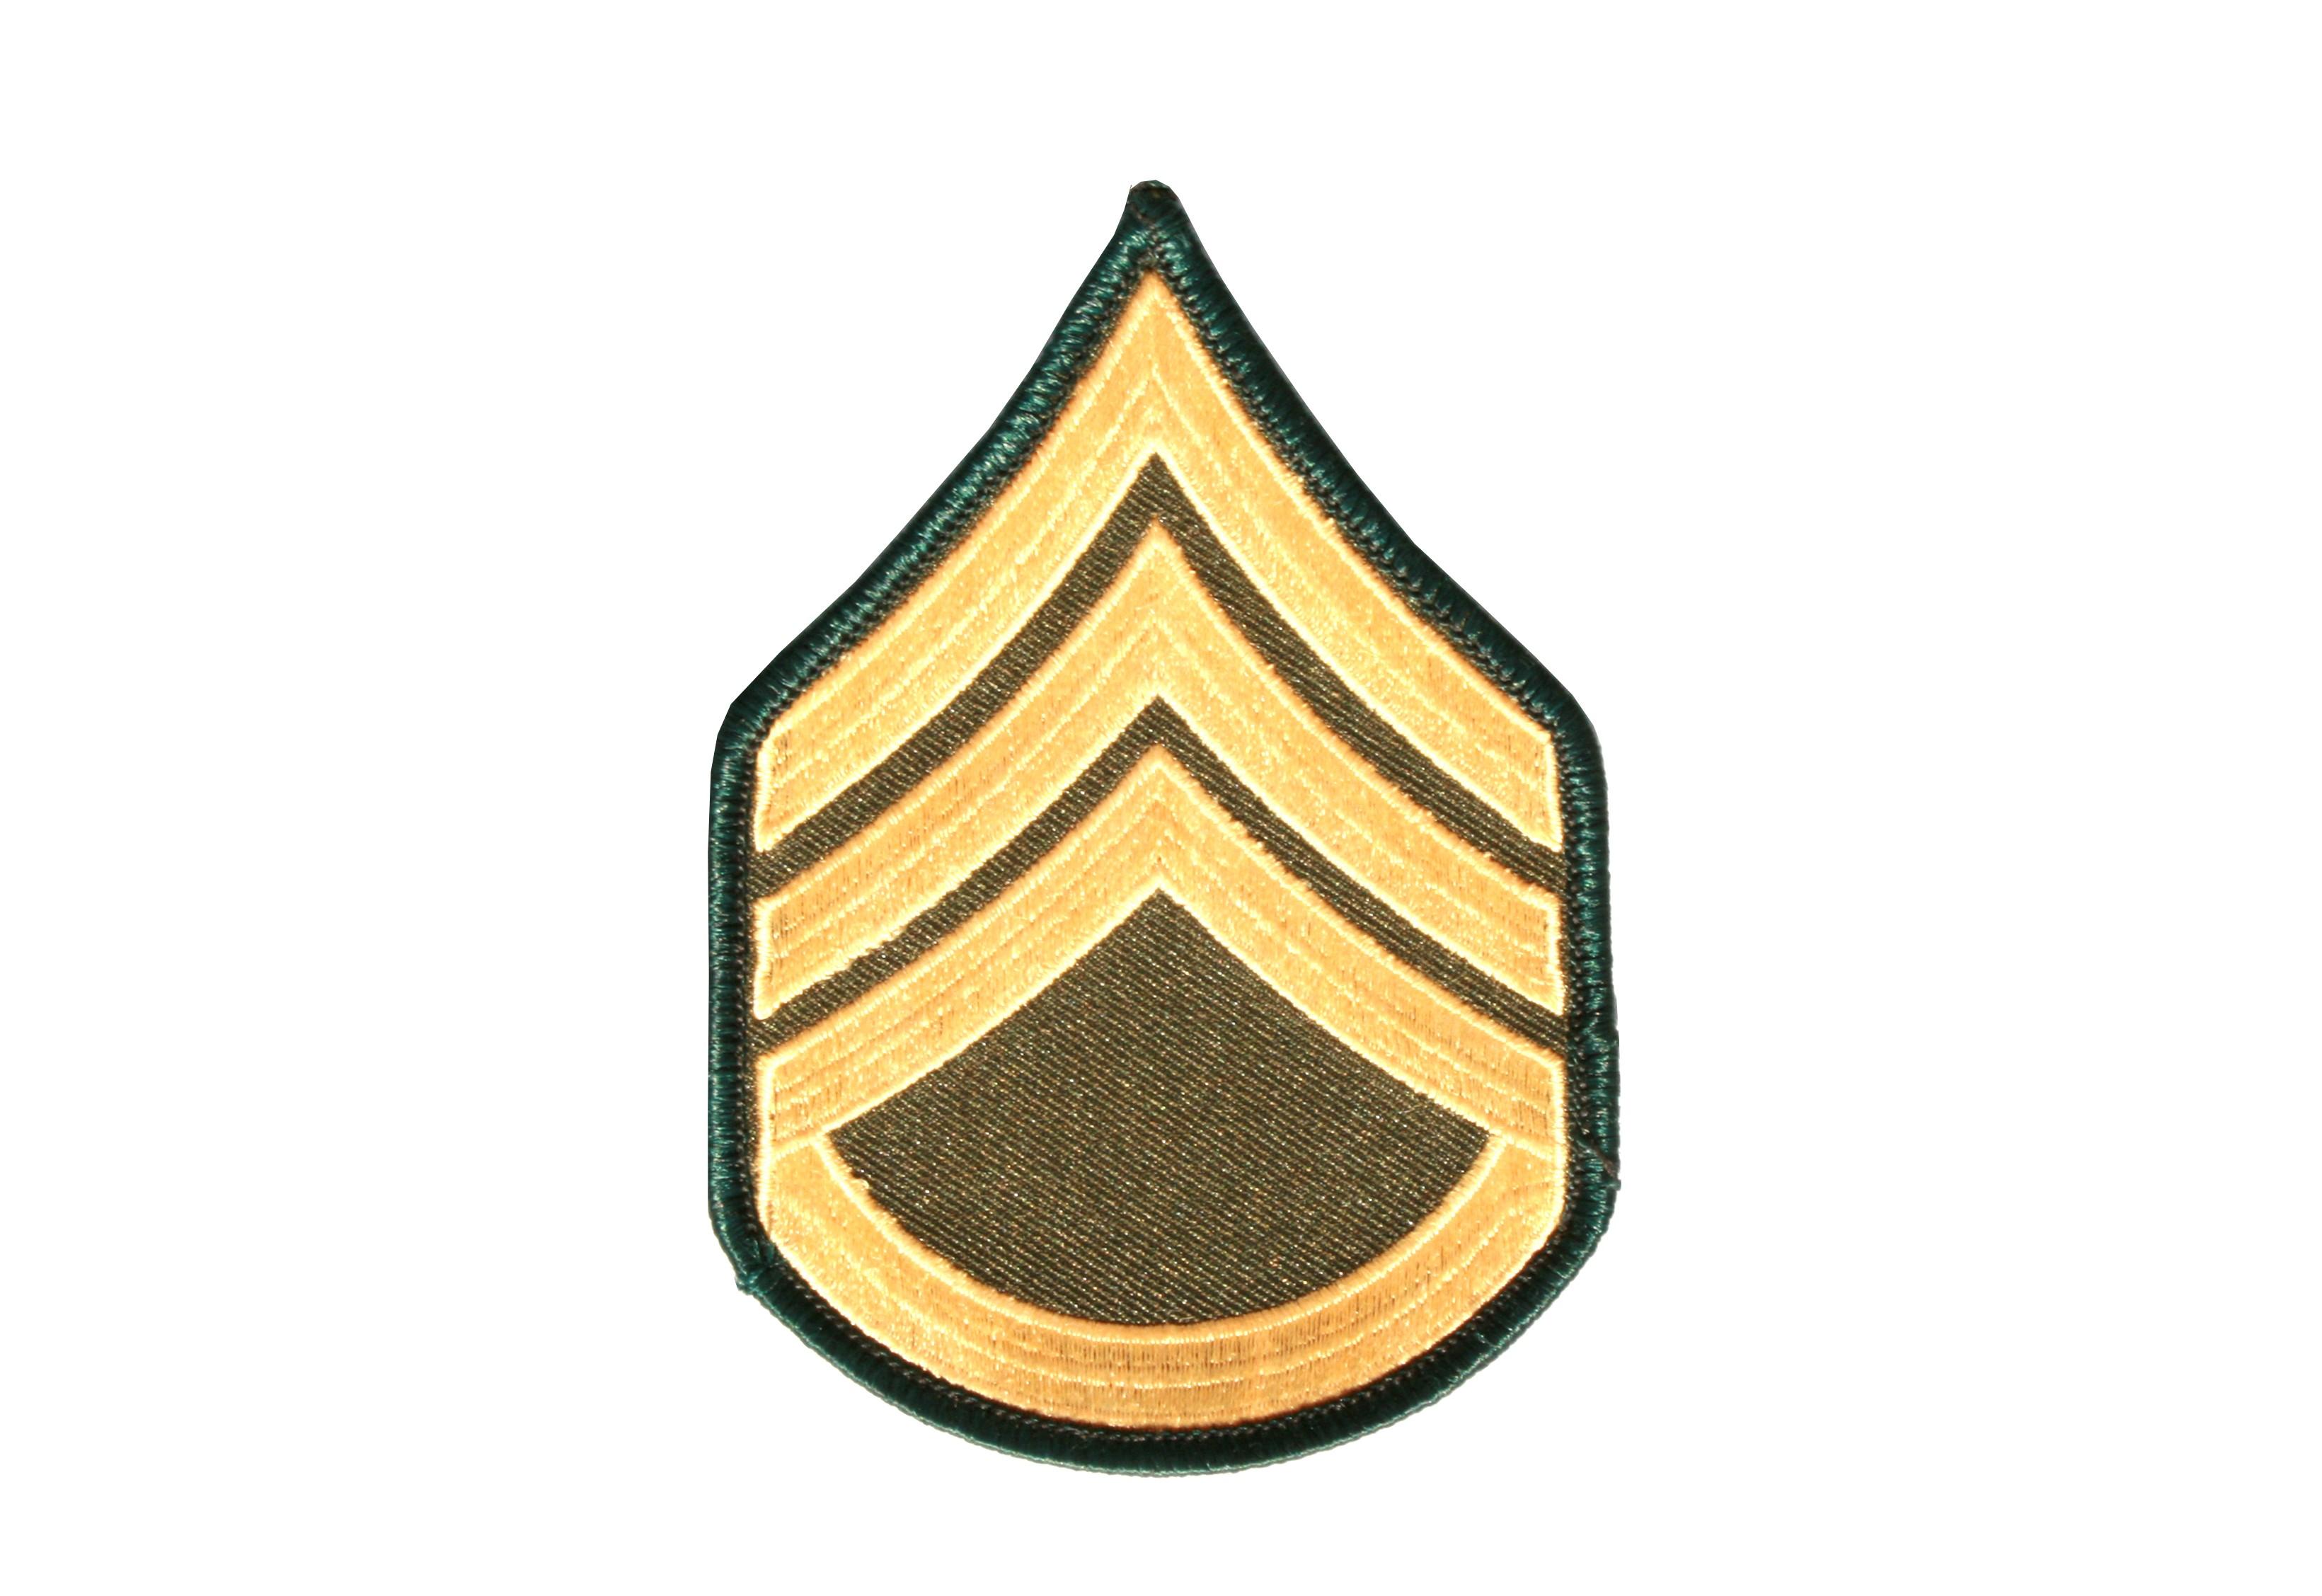 """Stoffabzeichen """"U.S. Army - Staff Sergeant"""""""